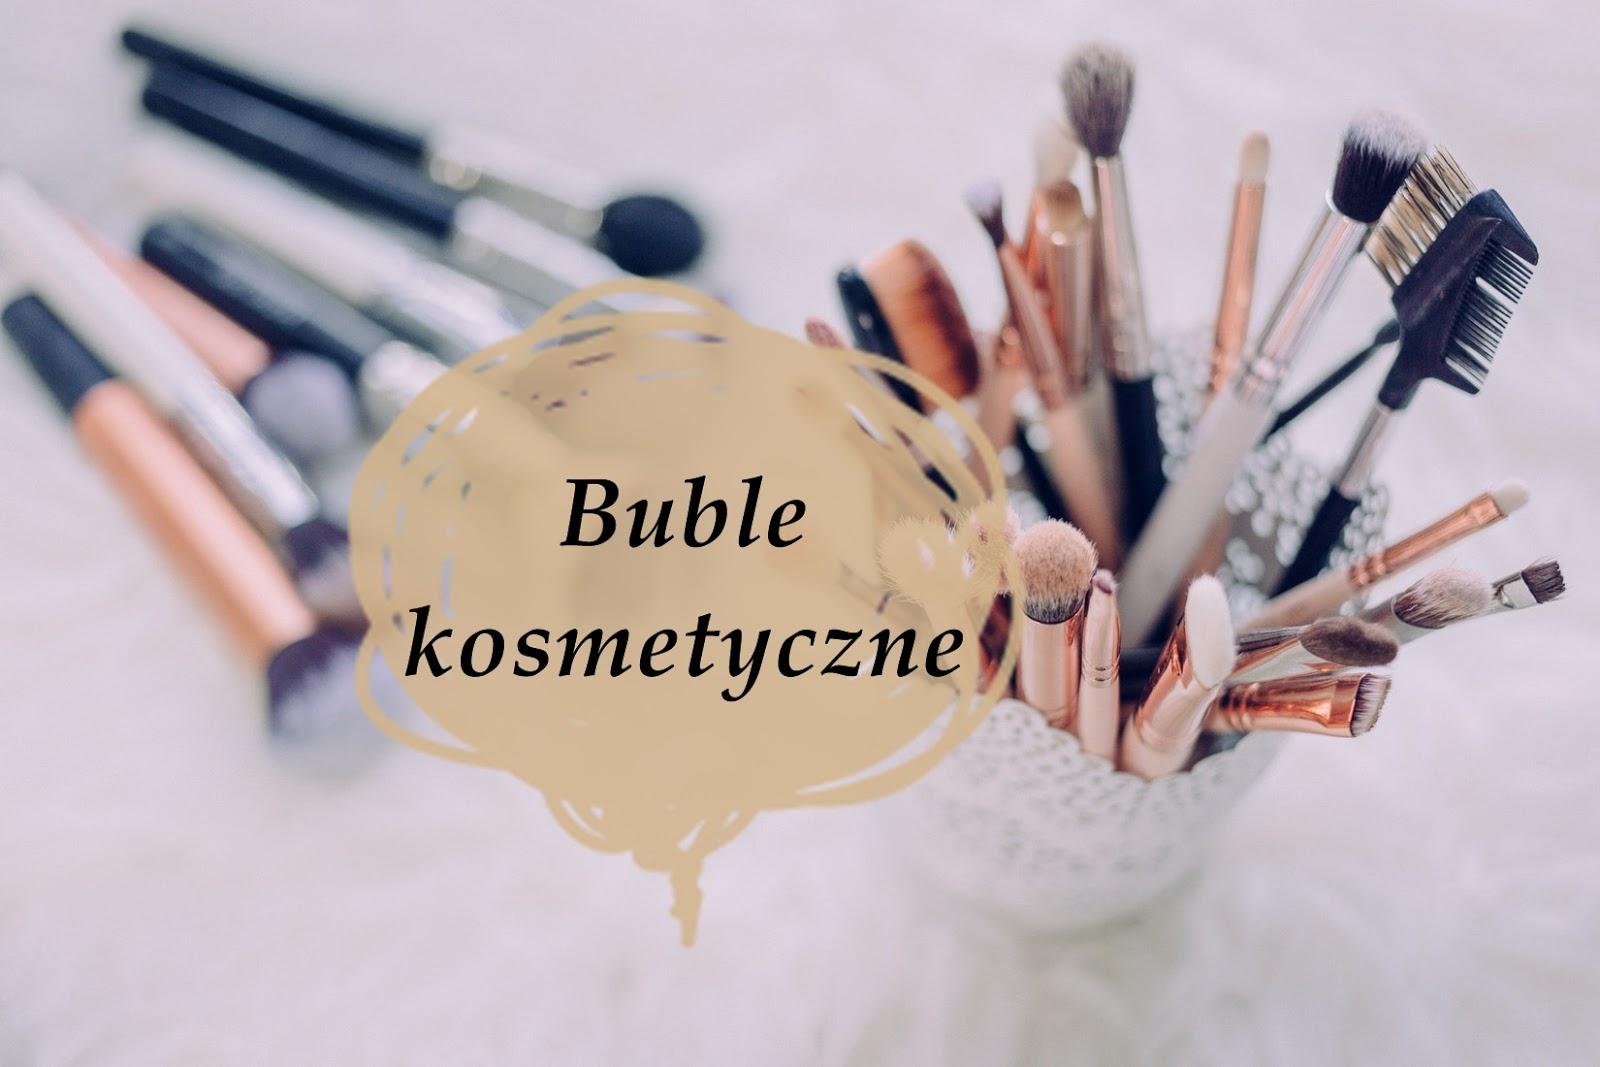 Rozczarowania i buble kosmetyczne ostatnich miesięcy